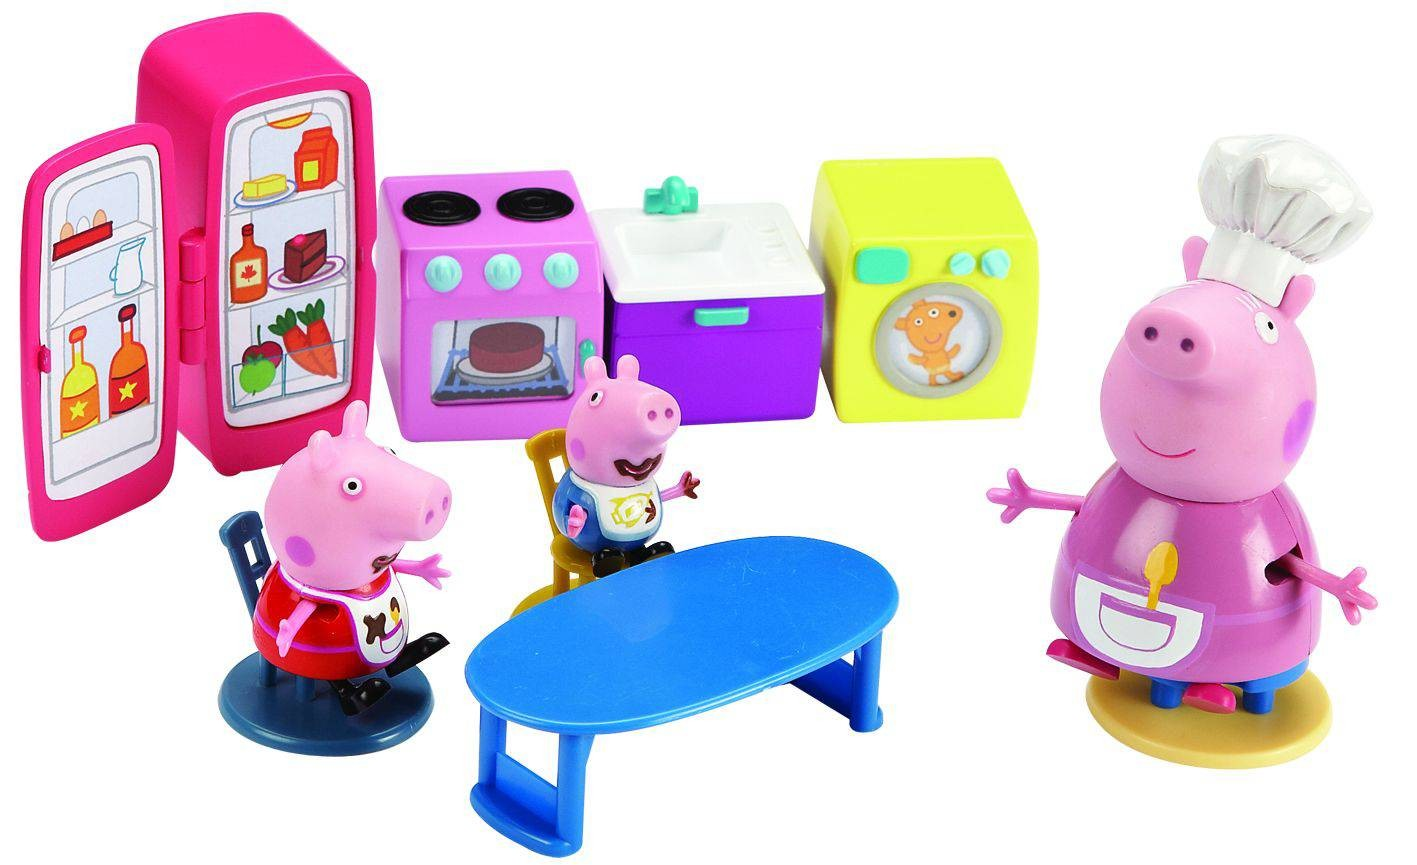 Игровой набор Кухня Пеппы (Toy Options (Far East) Limited)